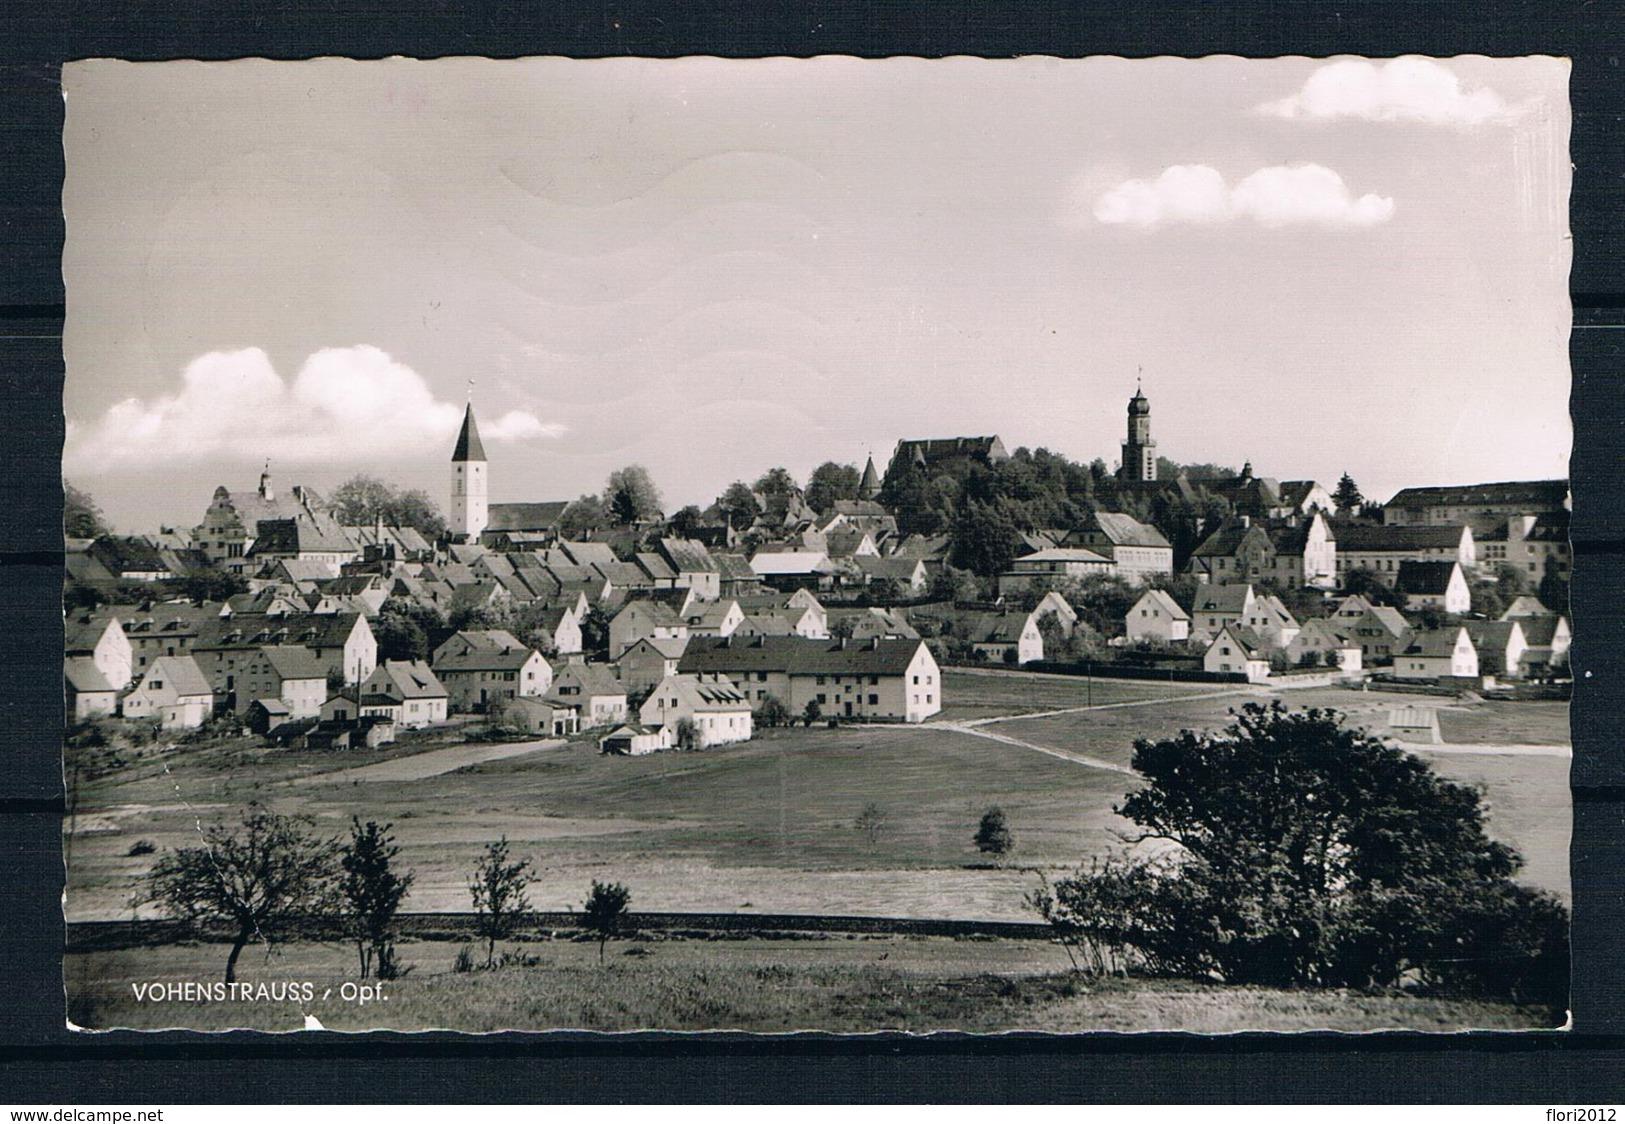 (D273) Vohenstrauss - Oberpfalz - Deutschland